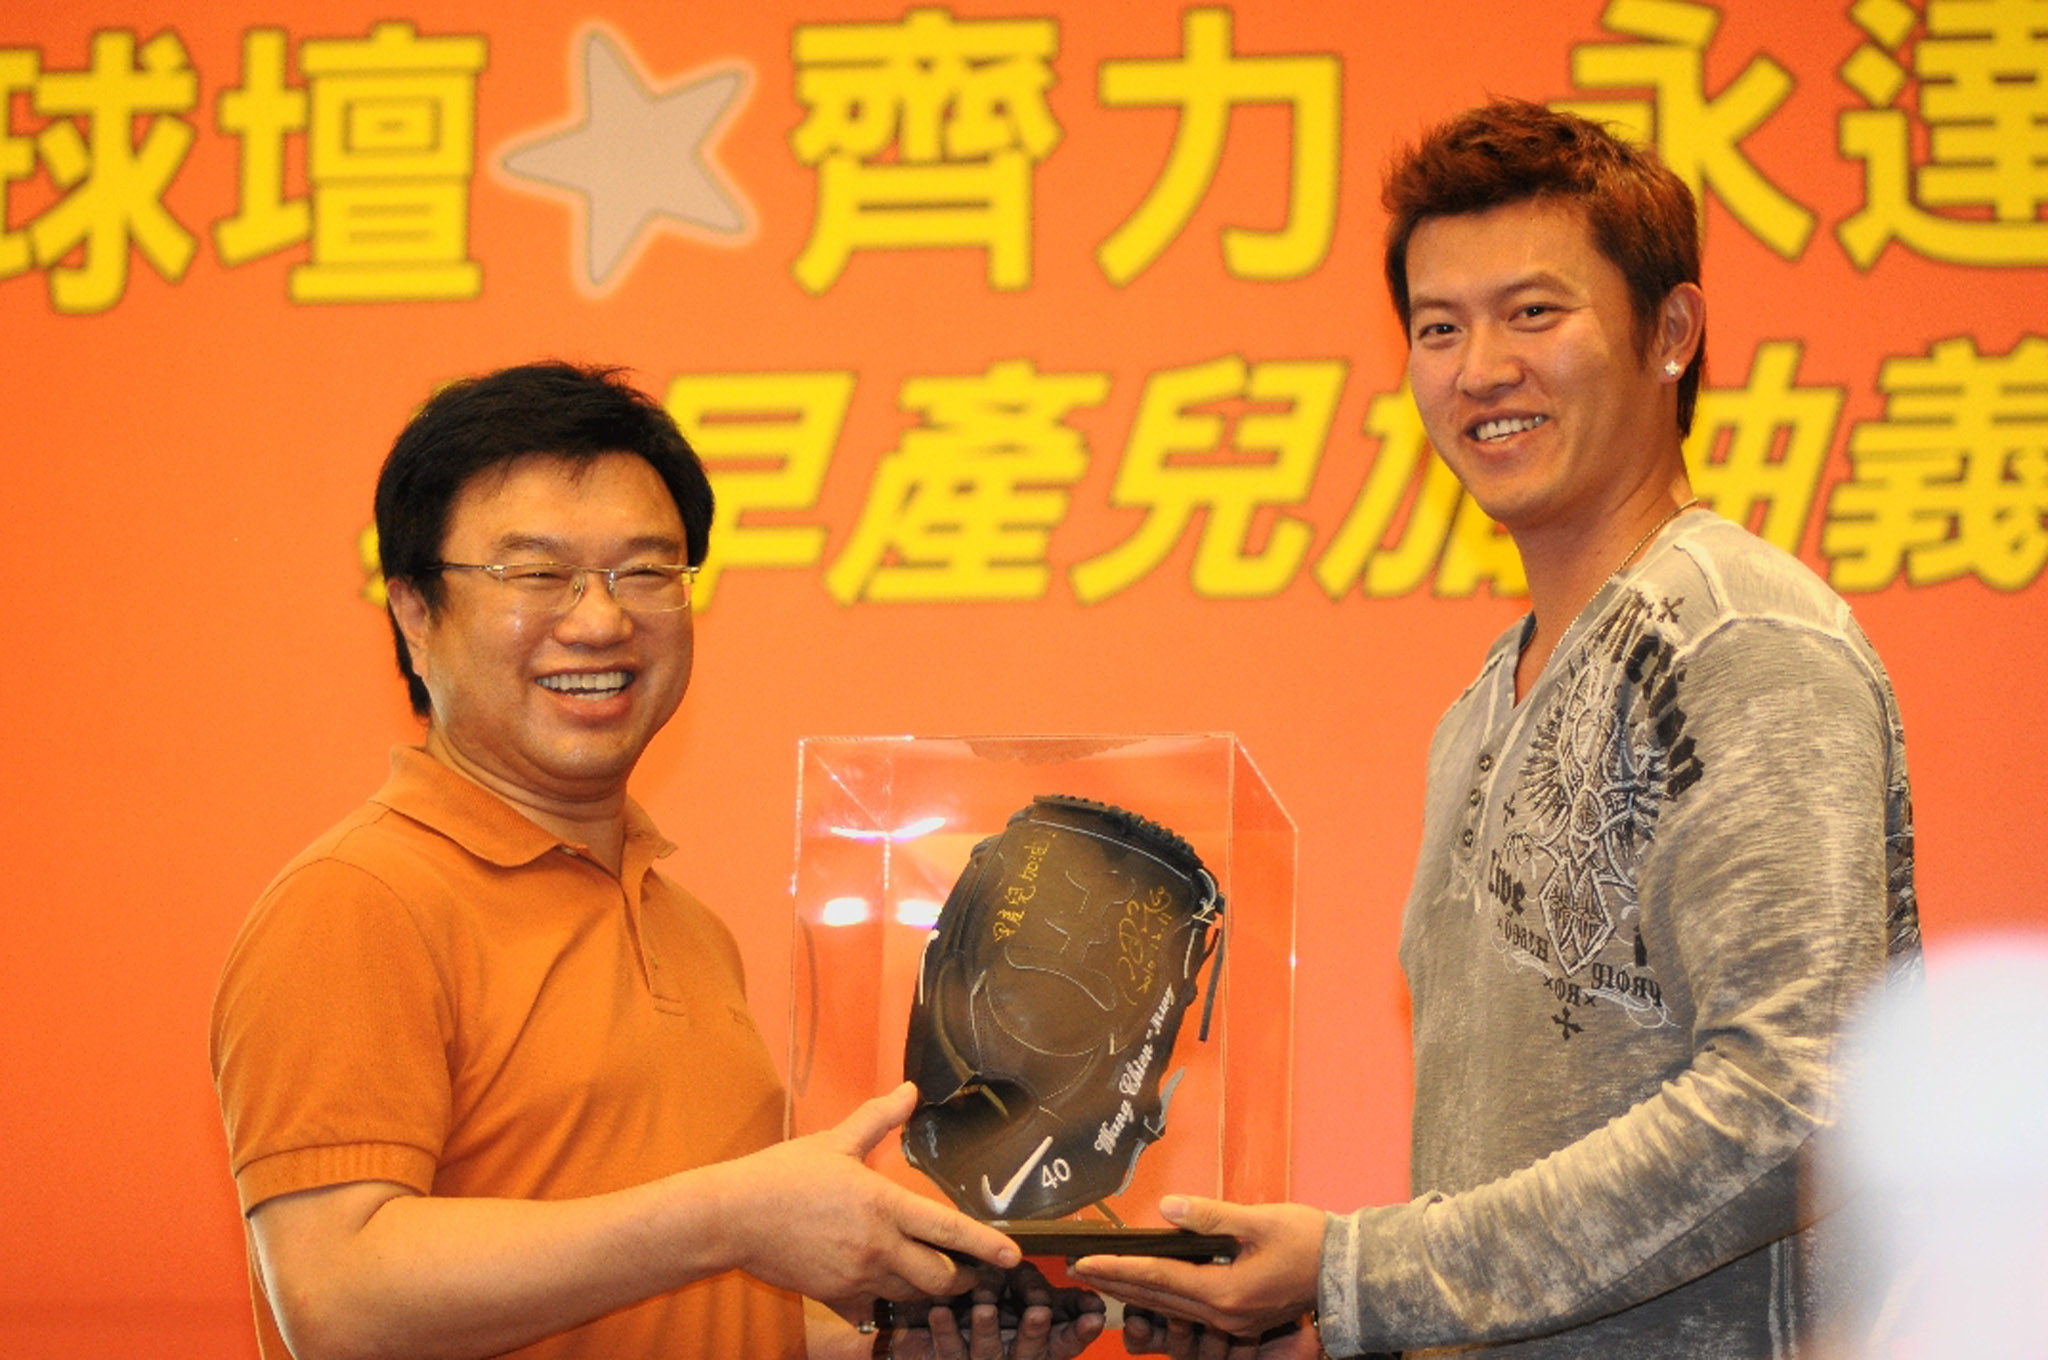 王建民親筆簽名手套由永達保險經紀人董事長吳文永高價標得,為今天全場最高價的義賣品。